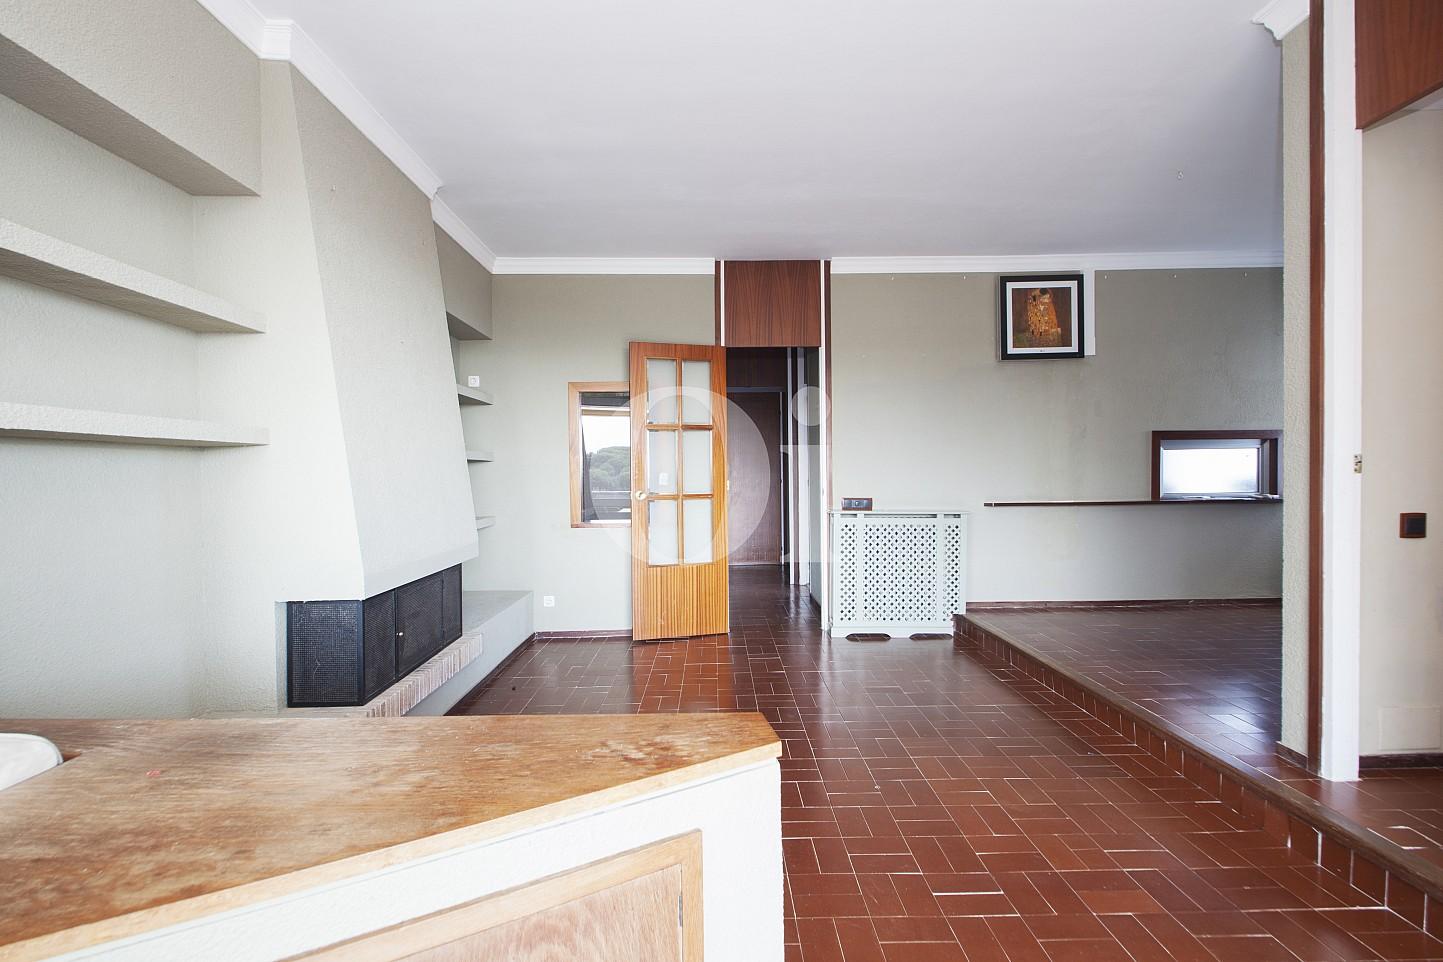 Salon de l'ático en vente à Sant Vicenç de Montalt